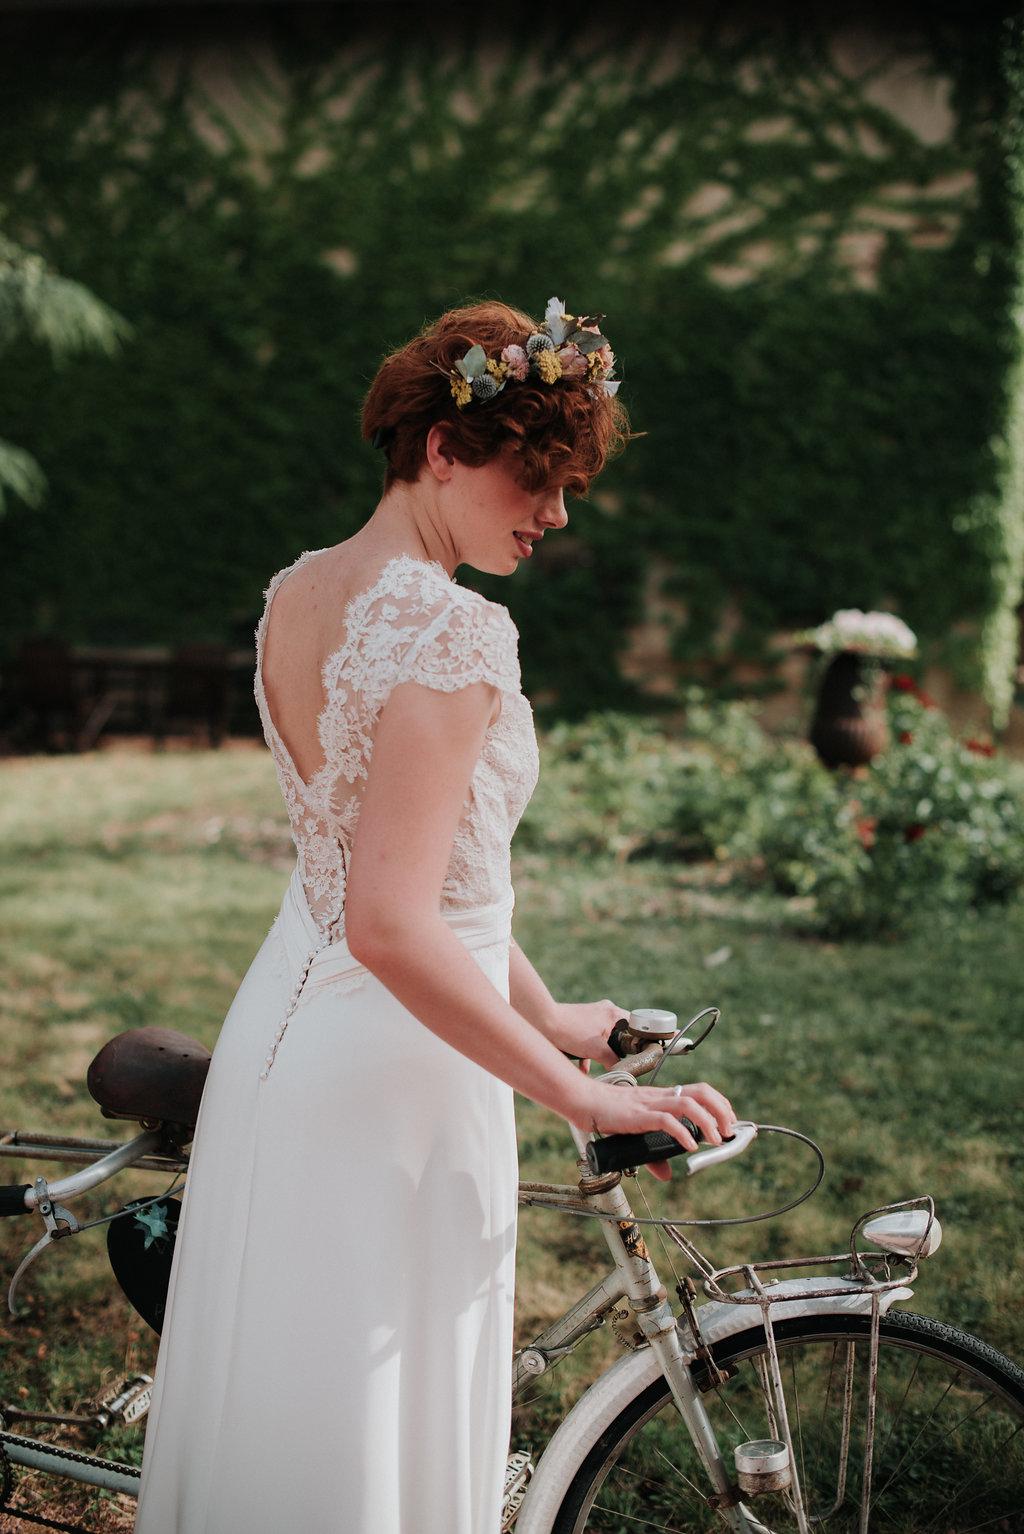 Léa-Fery-photographe-professionnel-lyon-rhone-alpes-portrait-creation-mariage-evenement-evenementiel-famille-7668.jpg